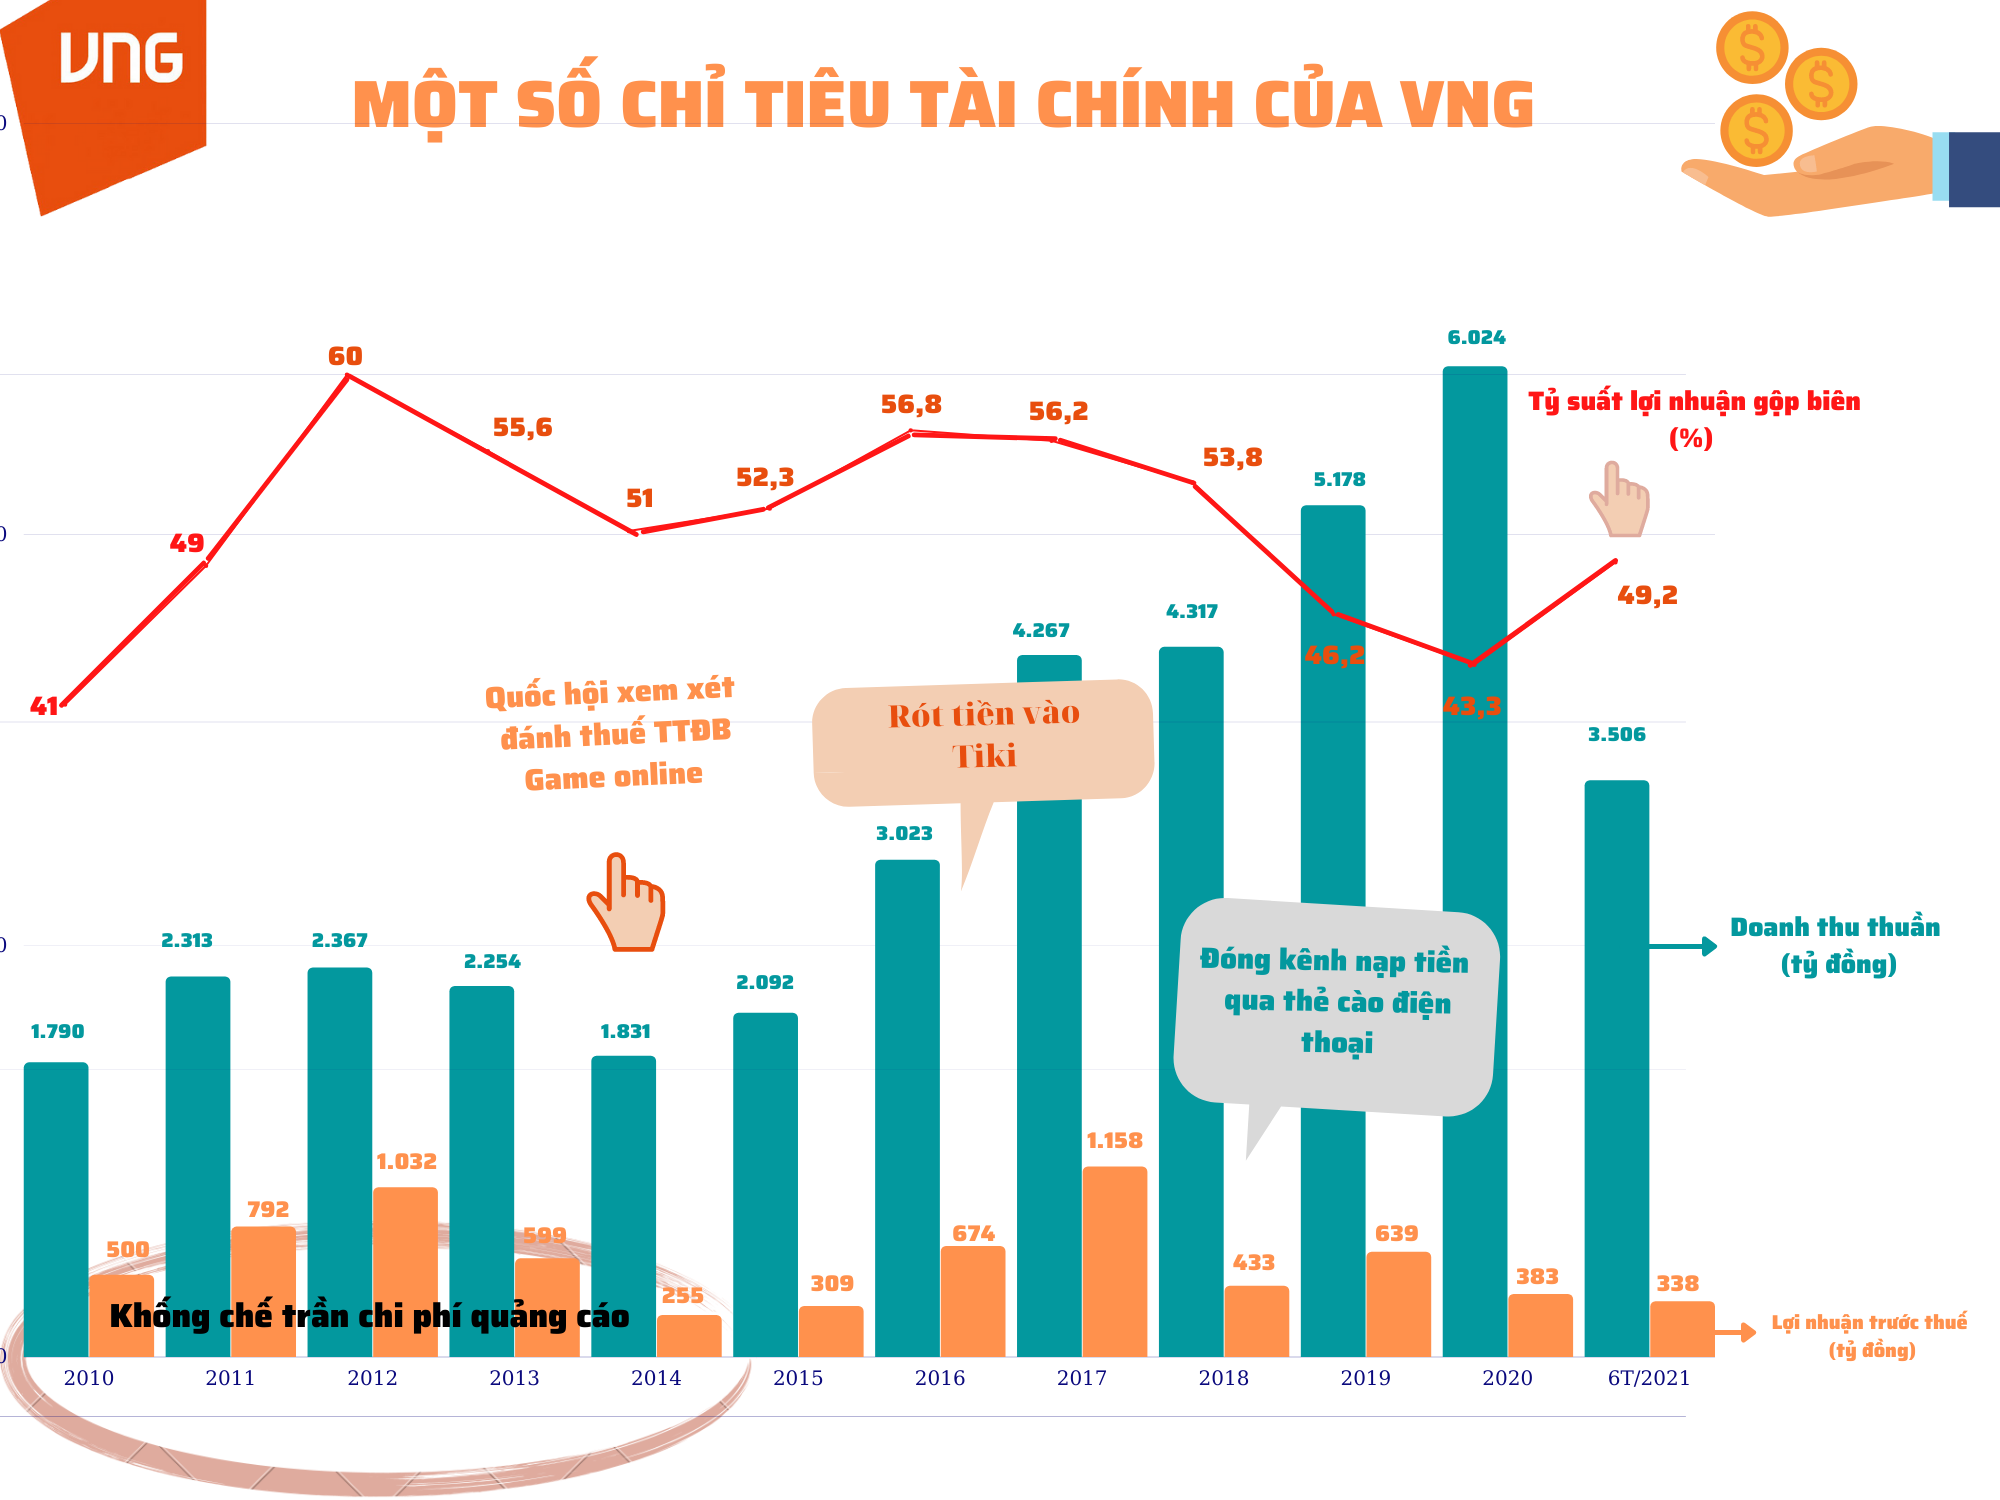 """Hồ sơ doanh nhân: Ông chủ VNG Lê Hồng Minh – Từ """"mỏ vàng"""" Game Online đến chiêu thức """"tránh thuế"""" sản phẩm - Ảnh 7."""